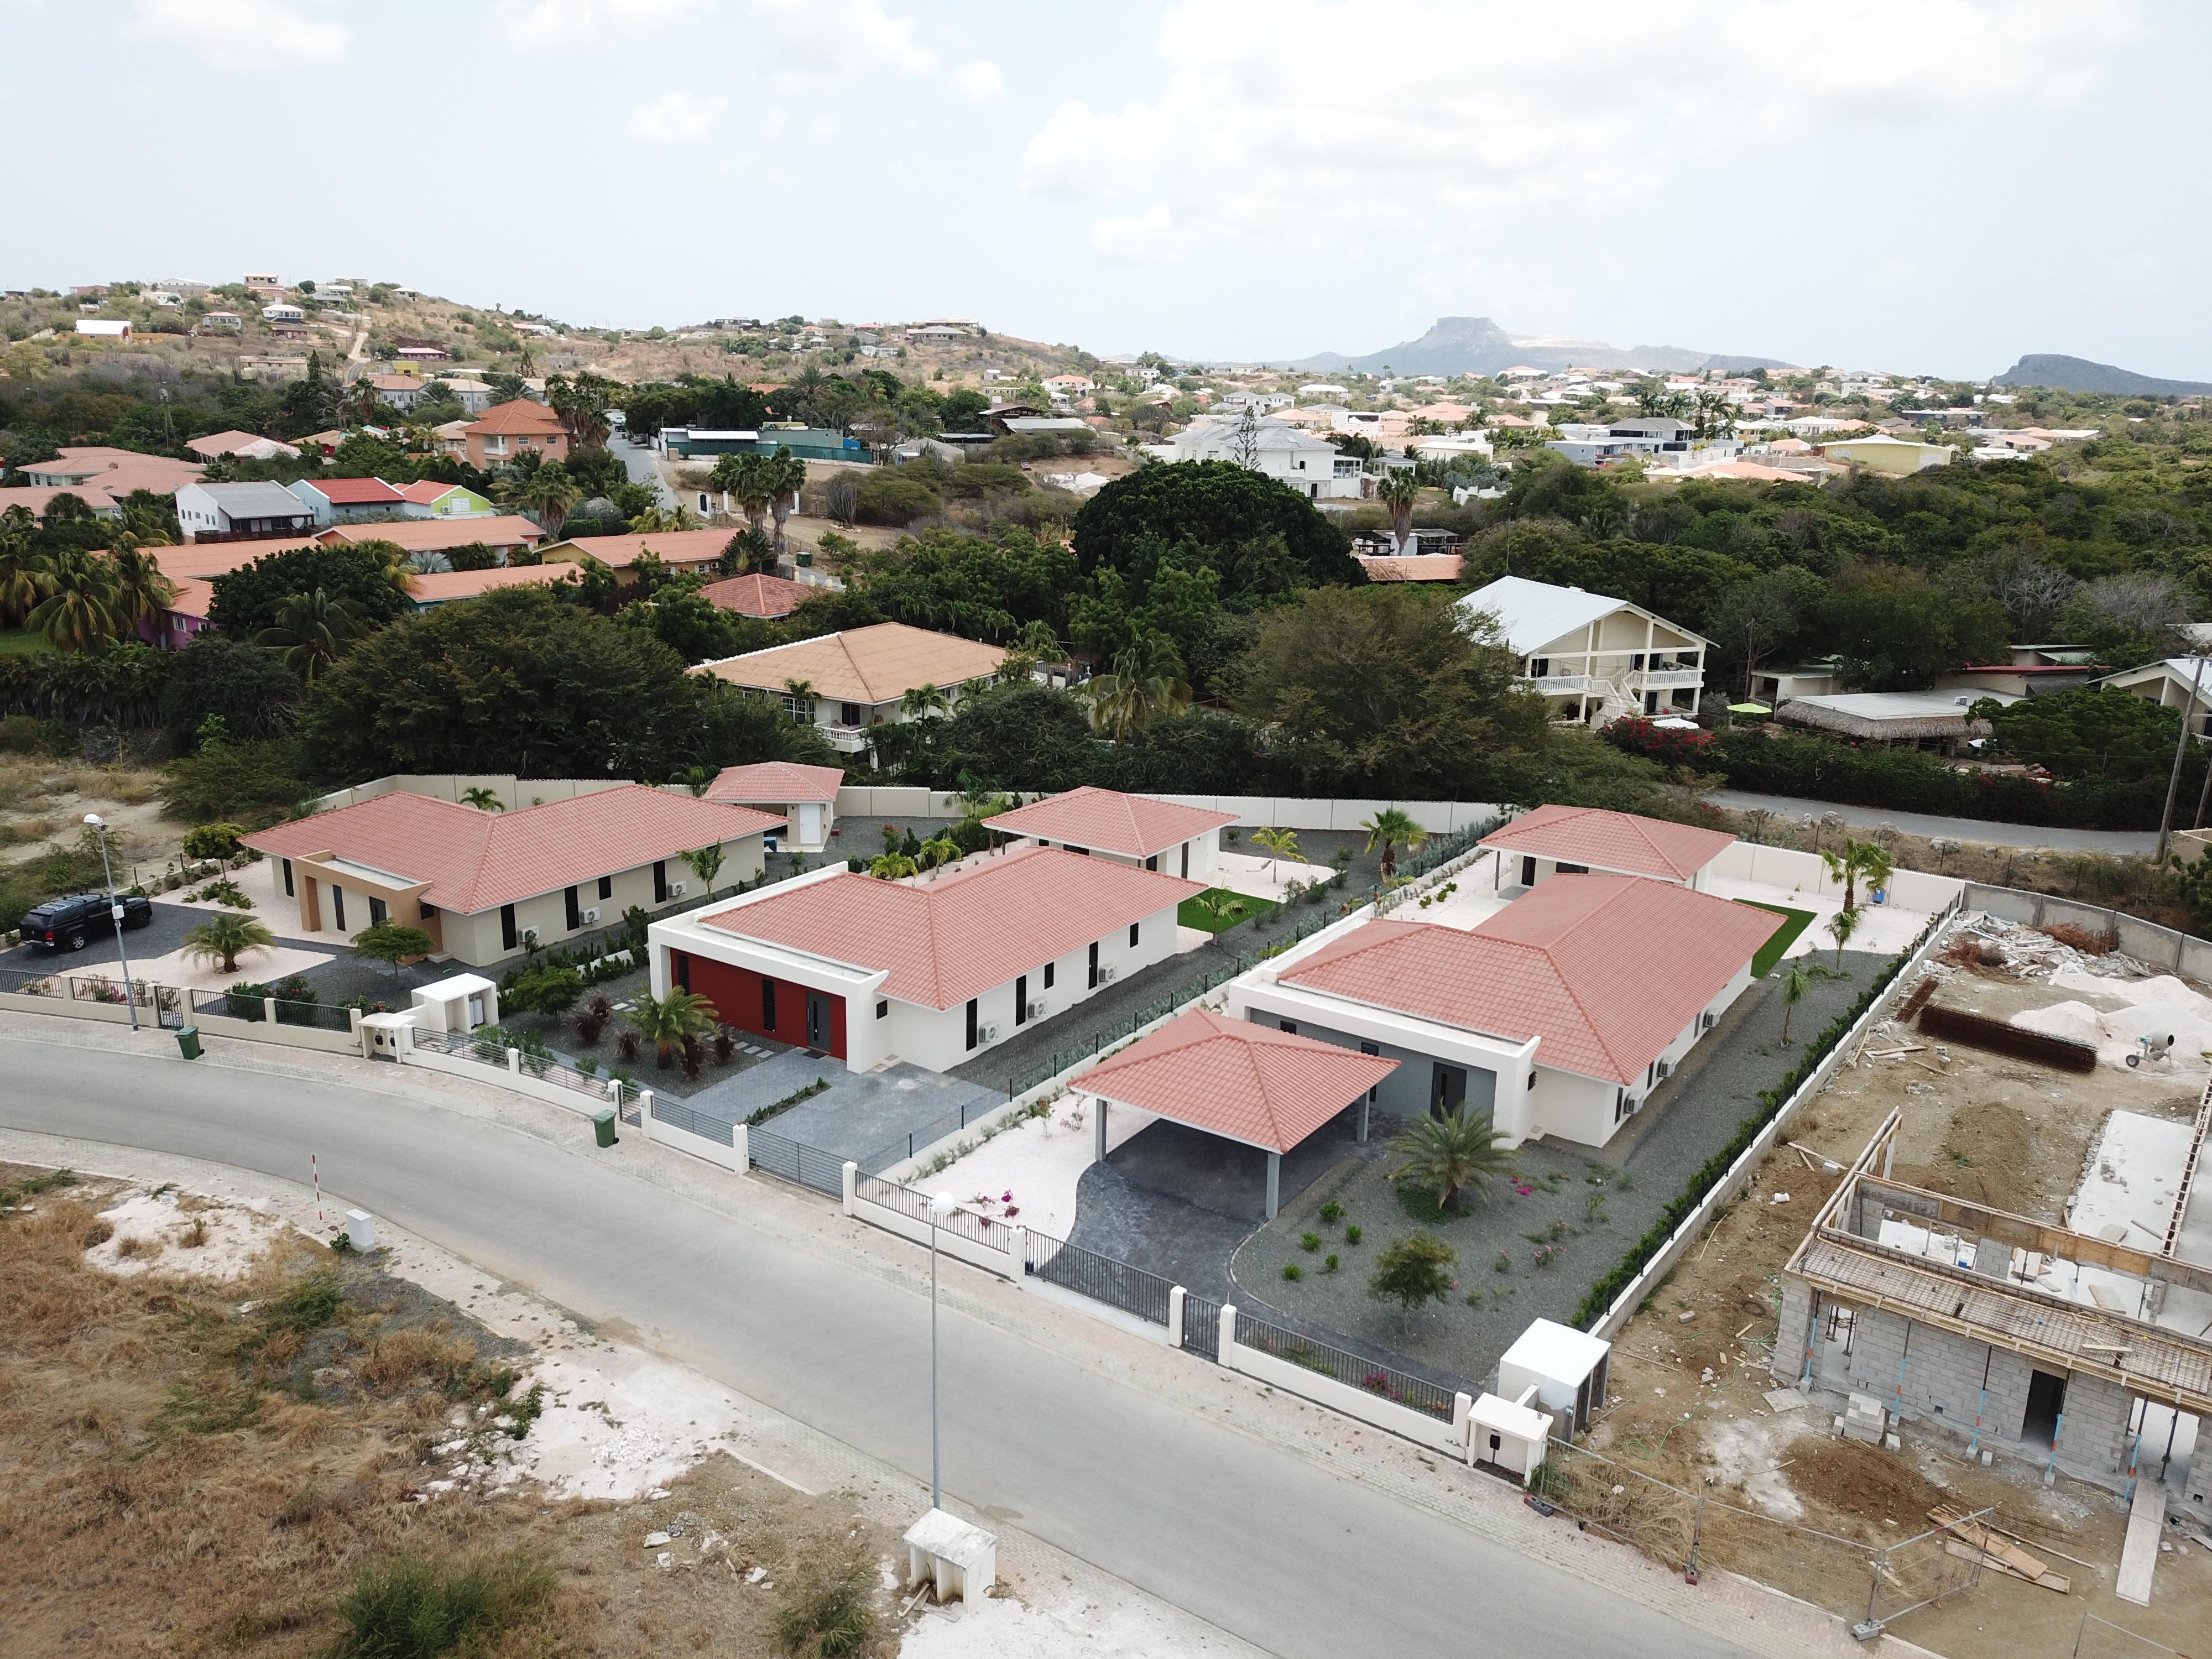 Zuurzak Villas Curacao - Nieuwbouw project van 8 woningen op